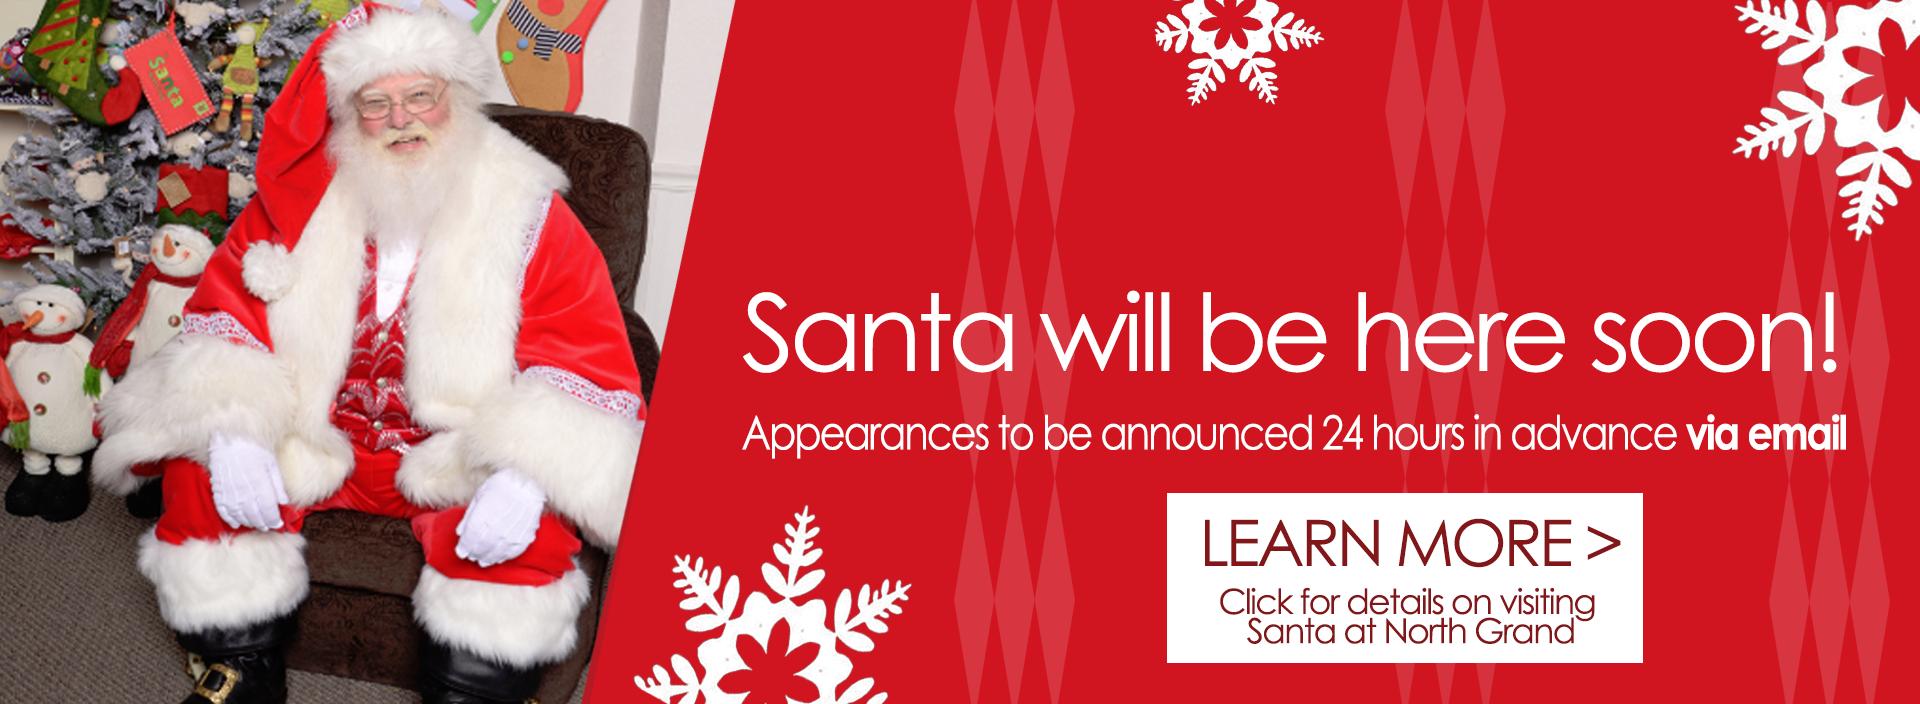 Holiday Slider 42 Santa Rules